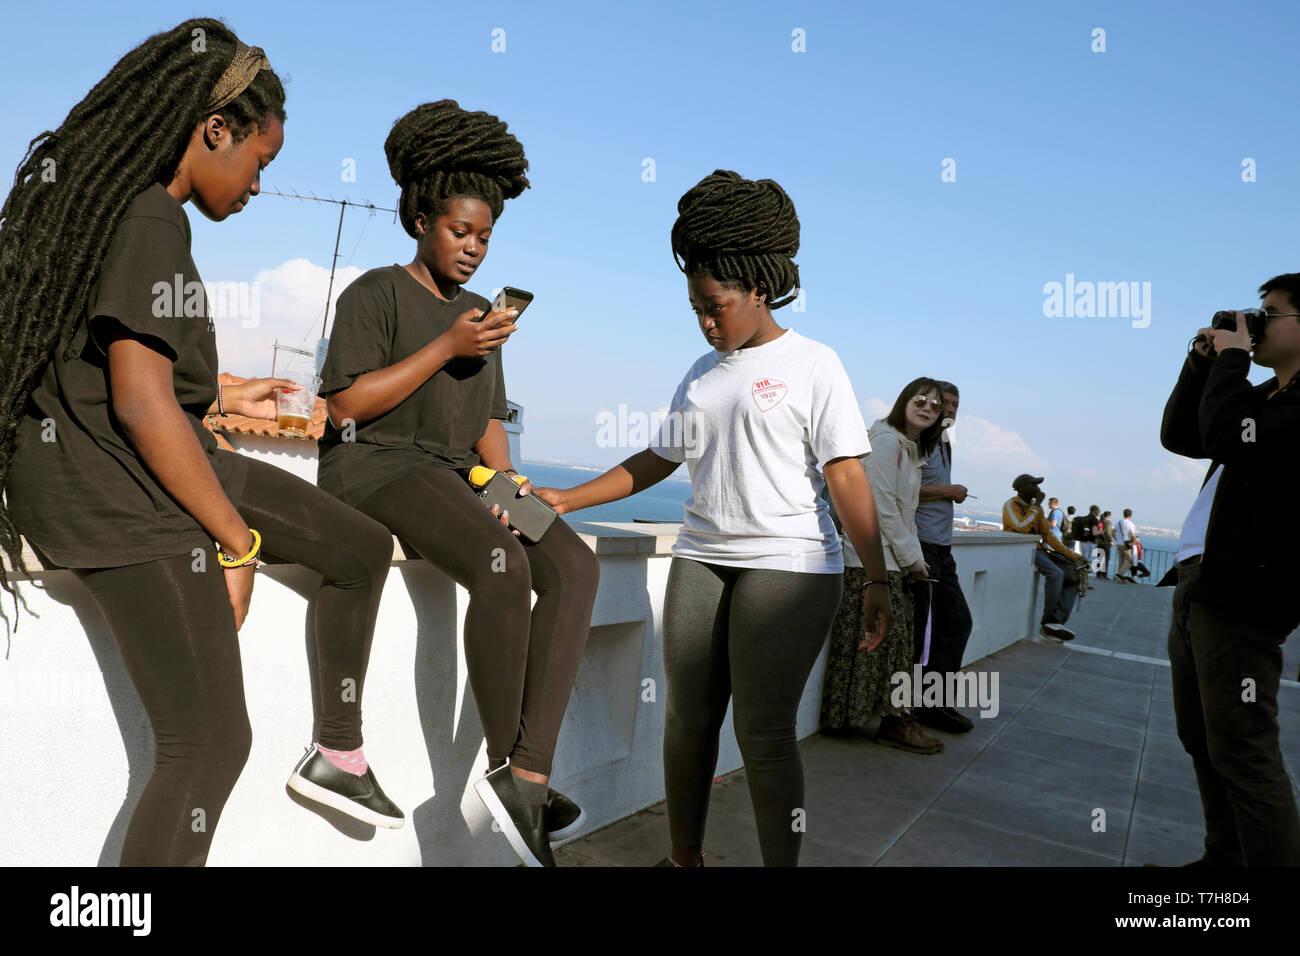 Junge Frauen Freunde Touristen Mit Afrikanischen Frisuren Frau Am